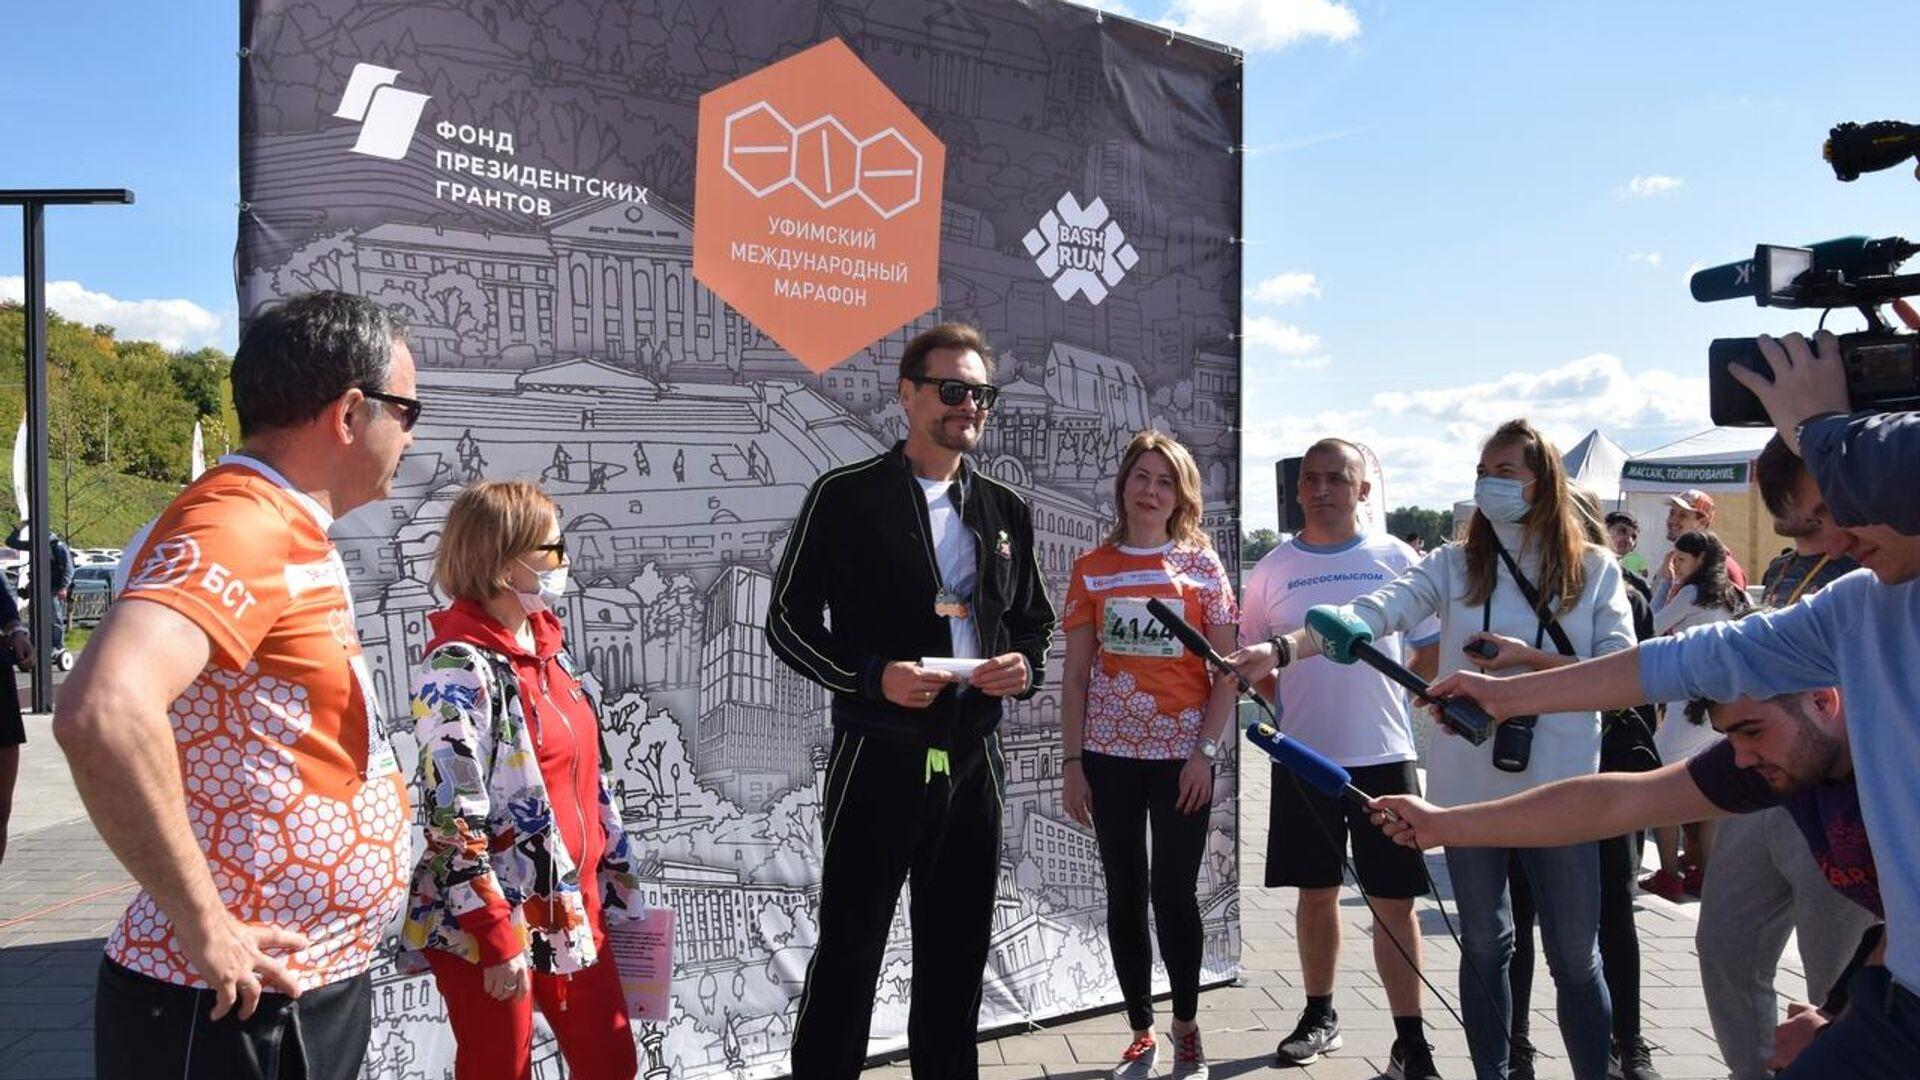 Уфимский марафон собрал более 700 тыс рублей на благотворительность - РИА Новости, 1920, 22.09.2020